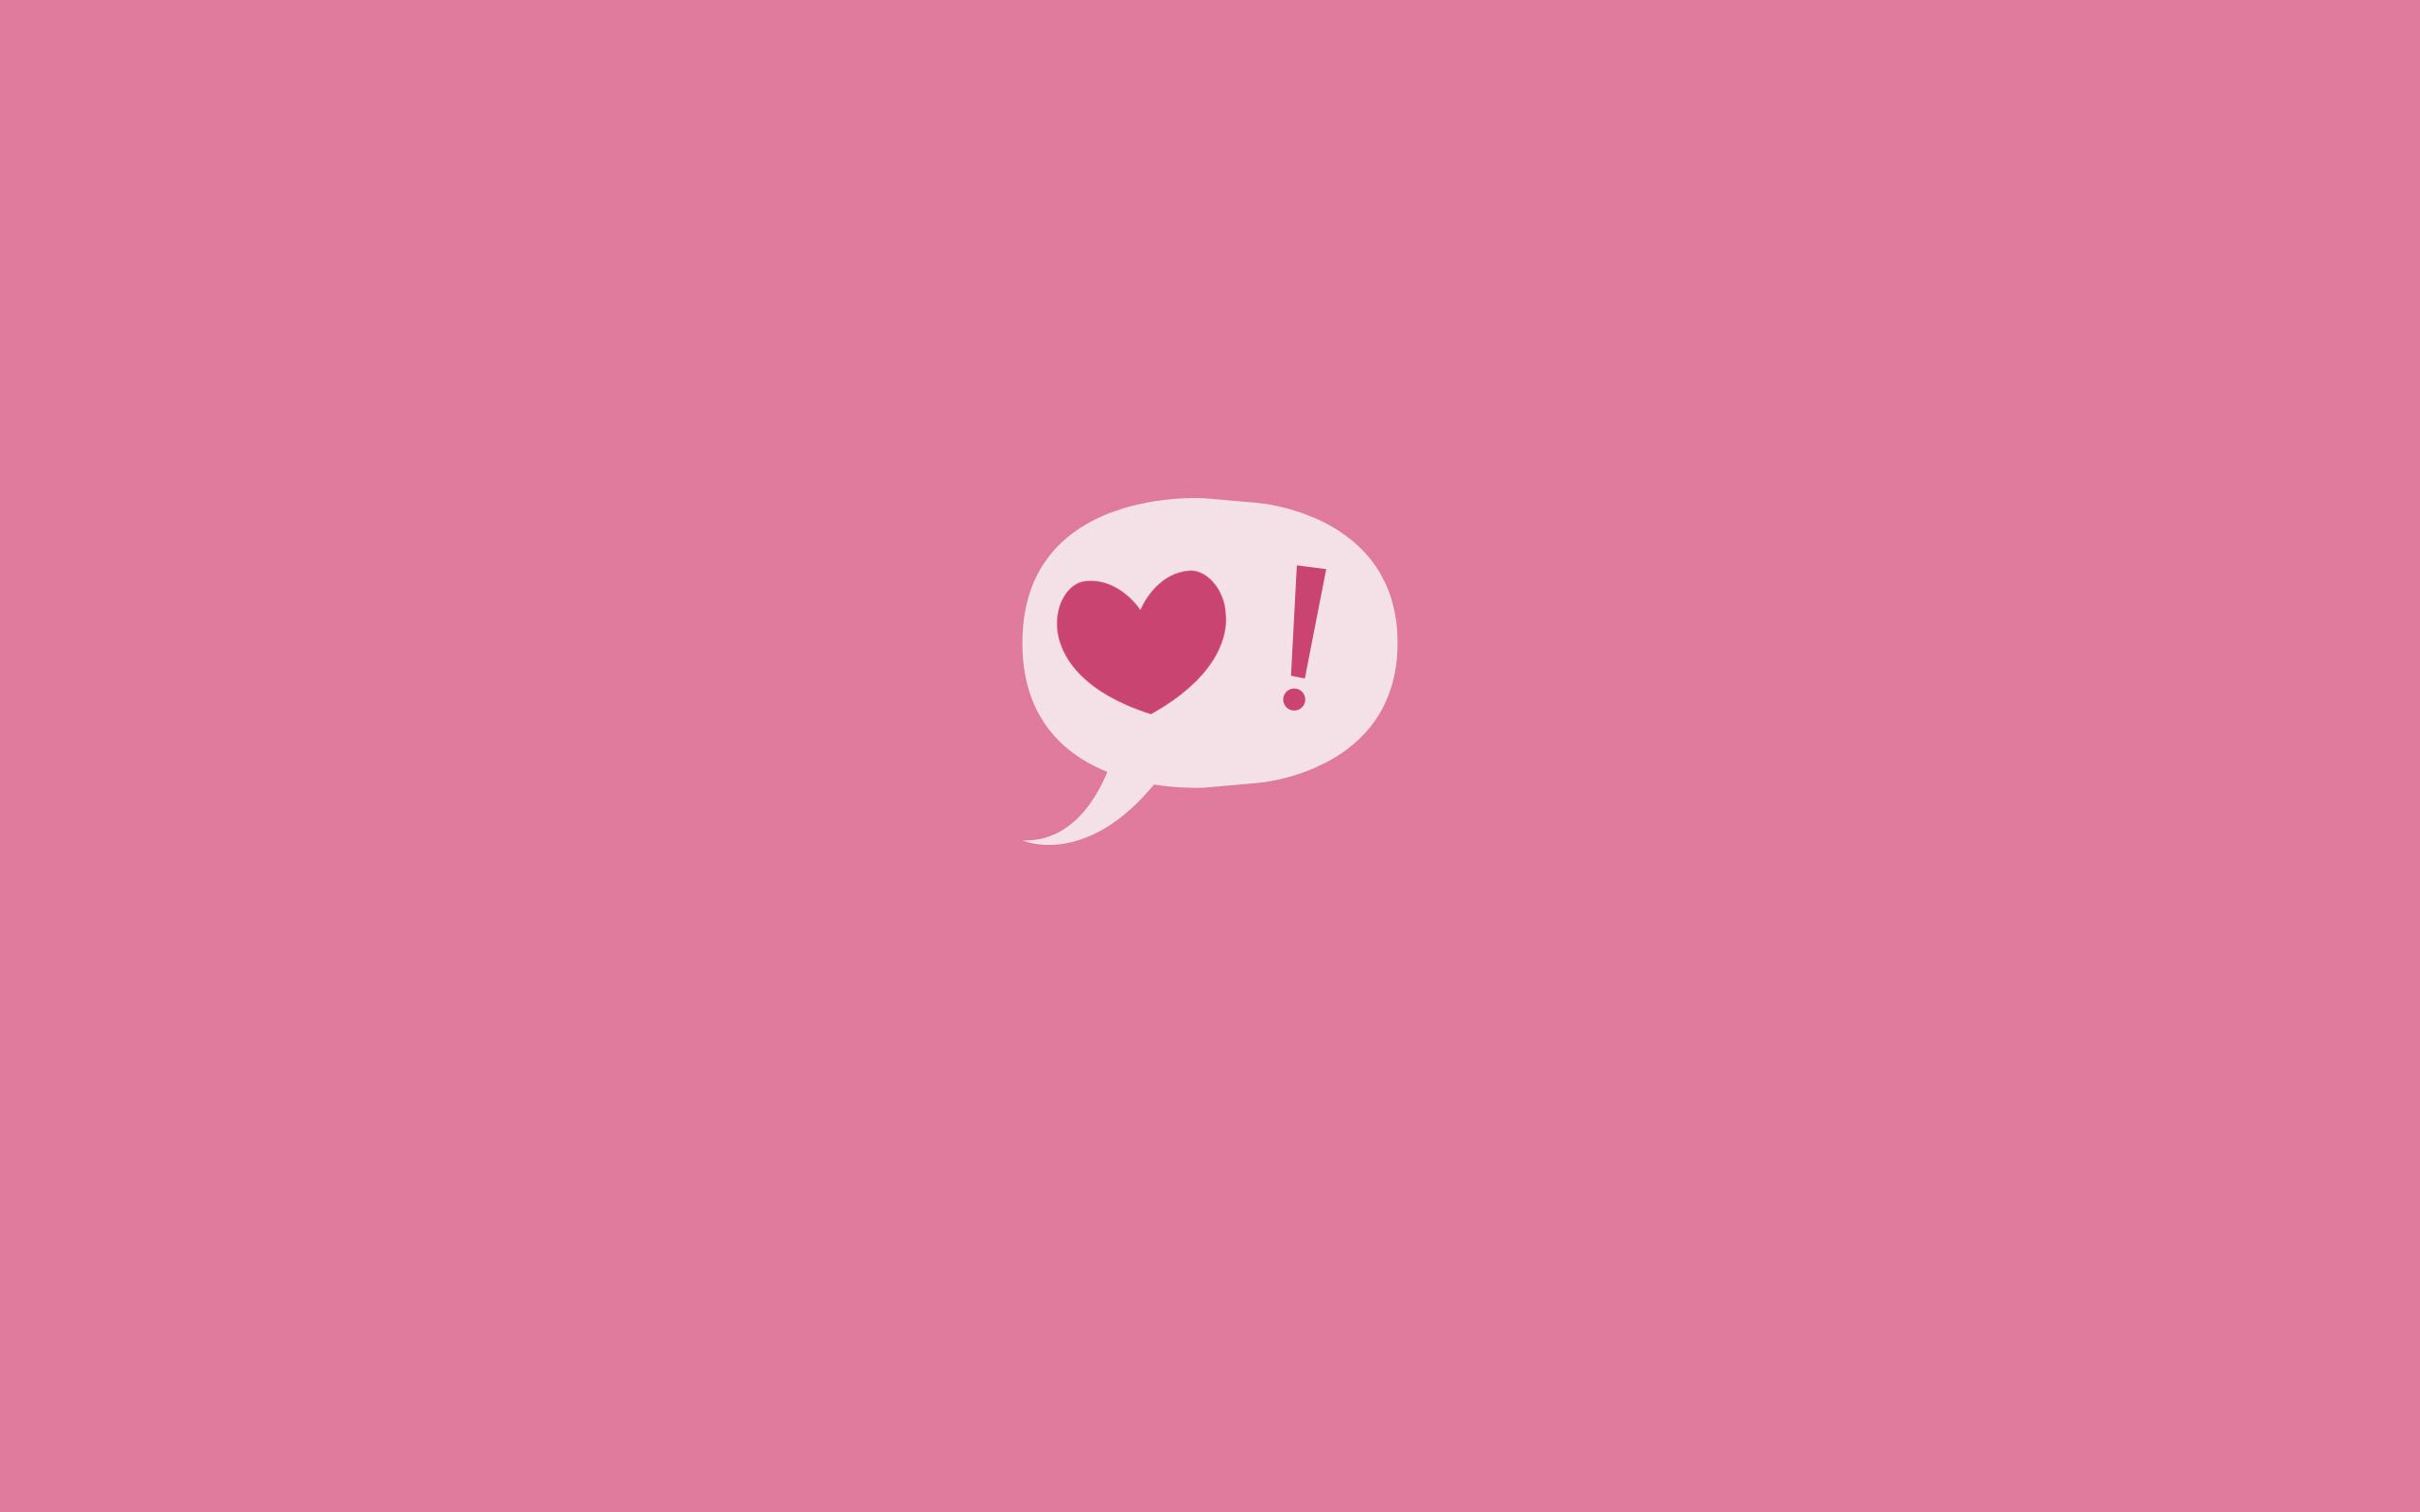 розовое сердце, скачать фото, обои, heart wallpaper